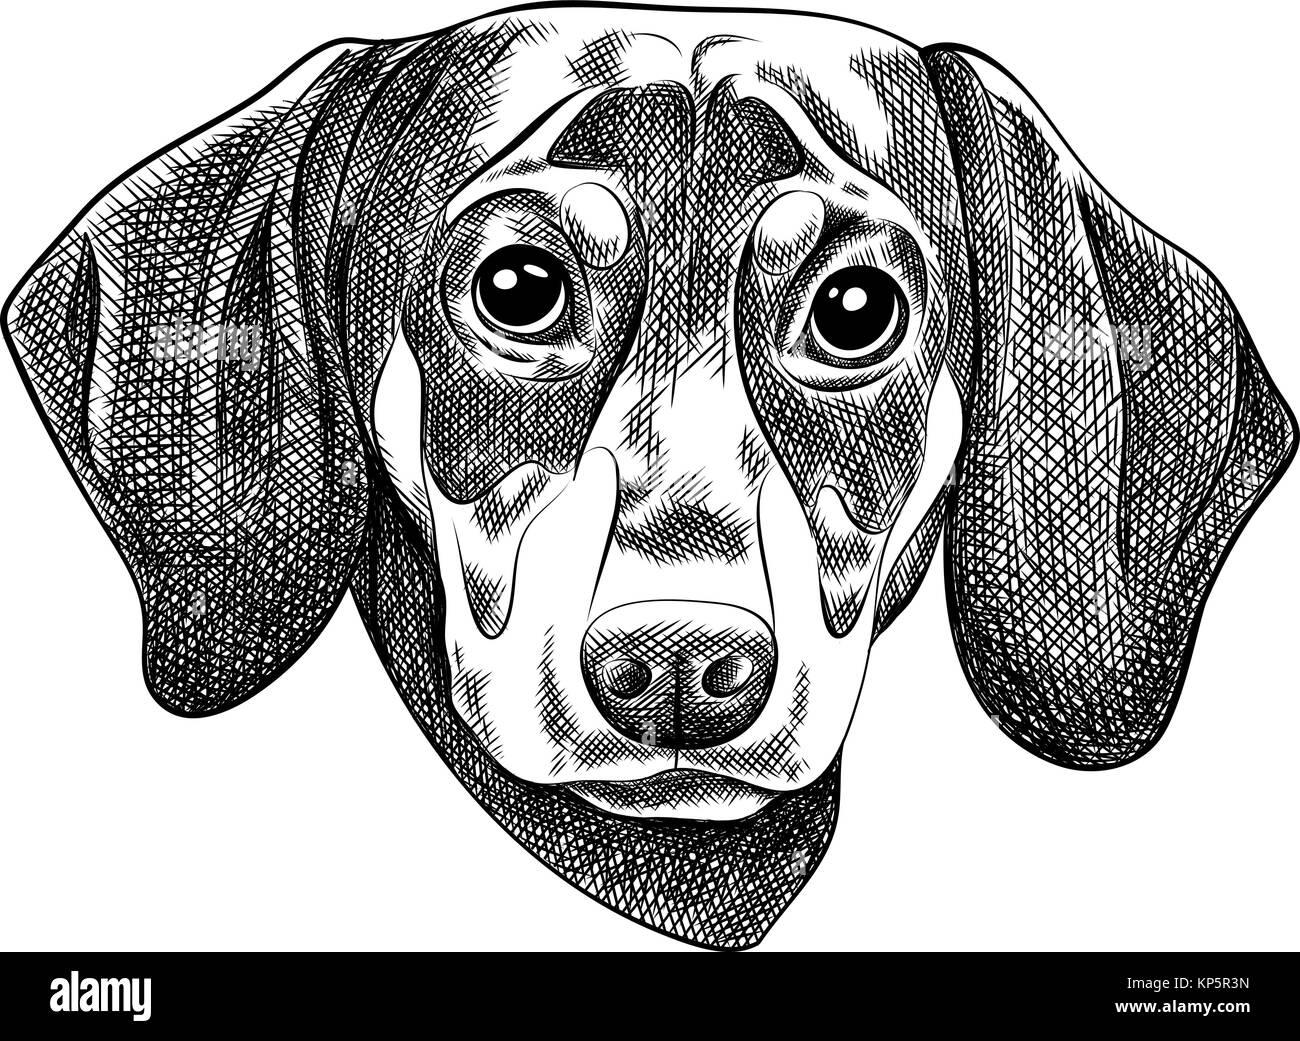 Illustrazione Vettoriale Di Un Cane Bassotto Per Un Biglietto Di